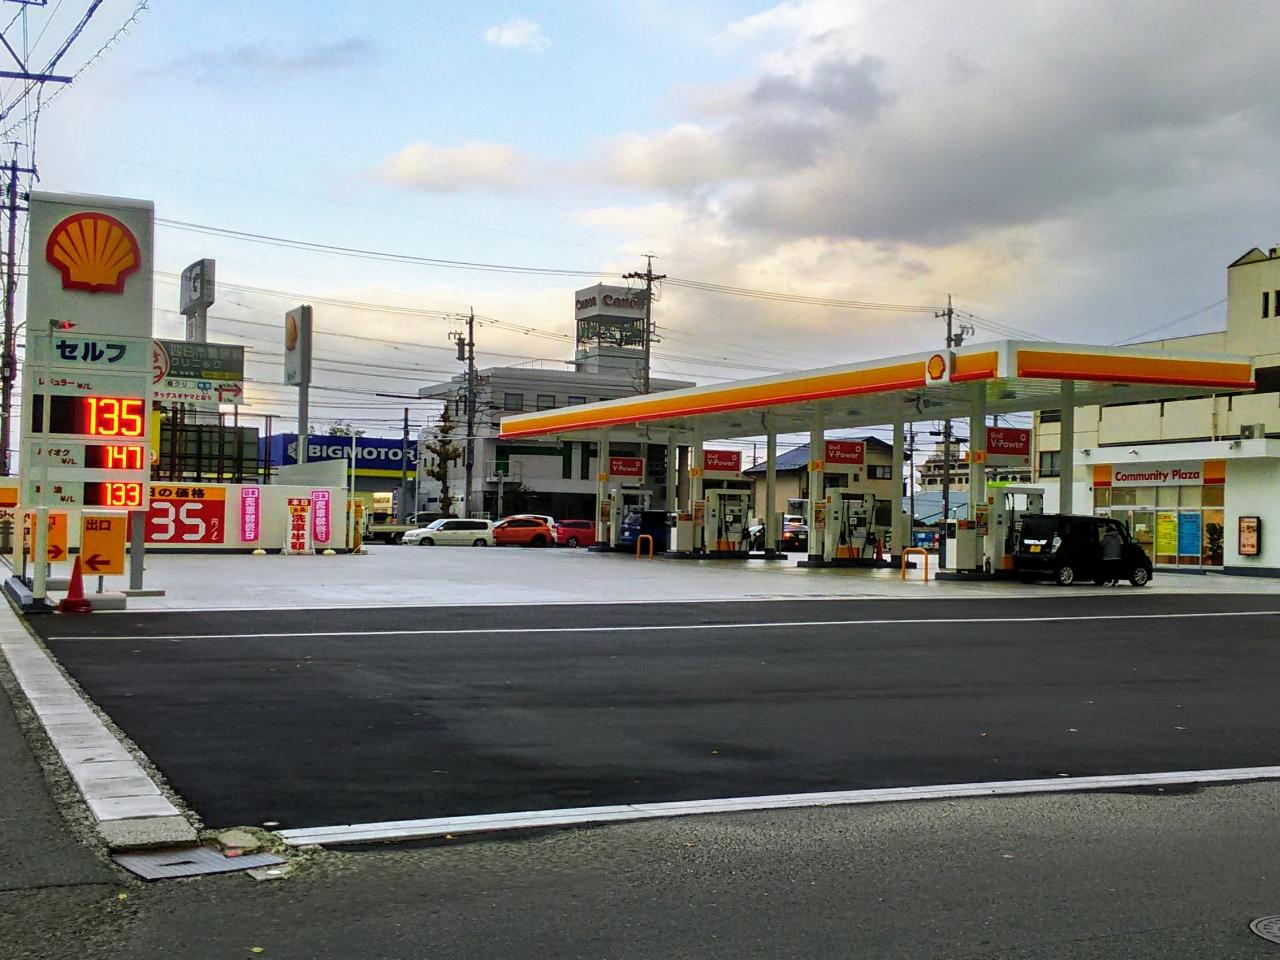 ユニーク 四日市 洗車 場 - 寫真と畫像